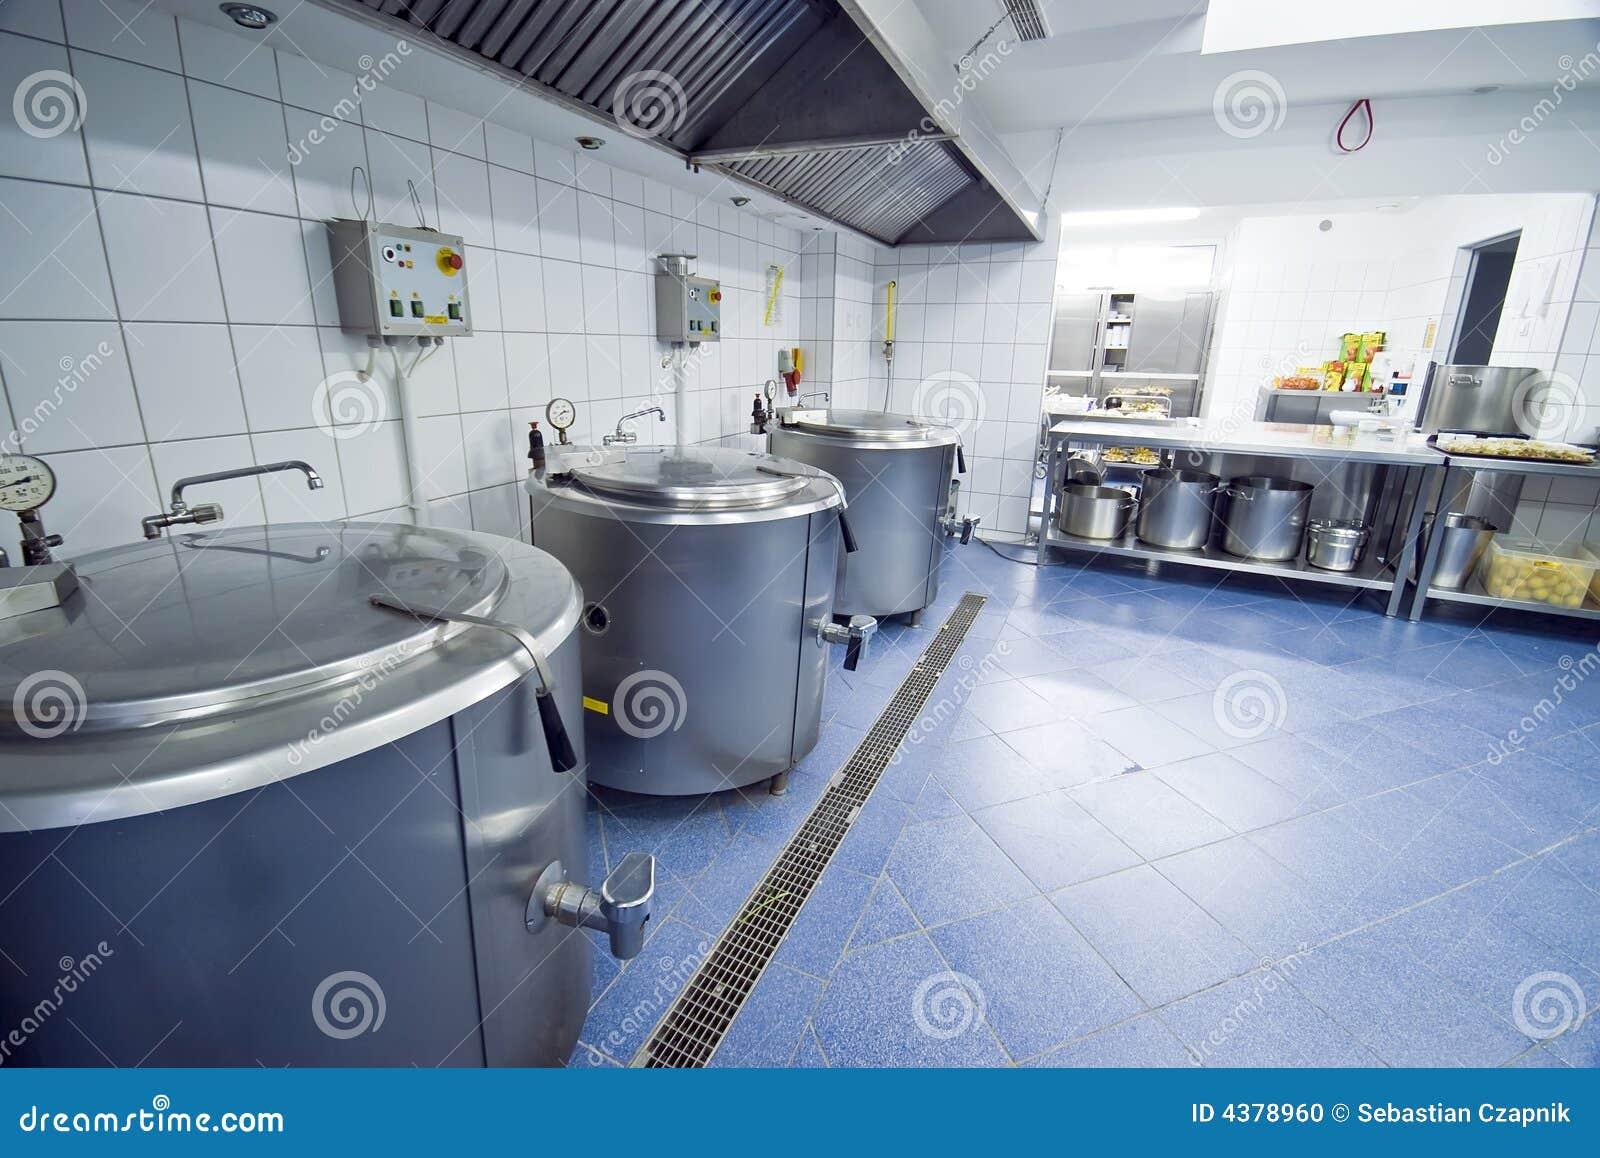 Calderas de la cocina